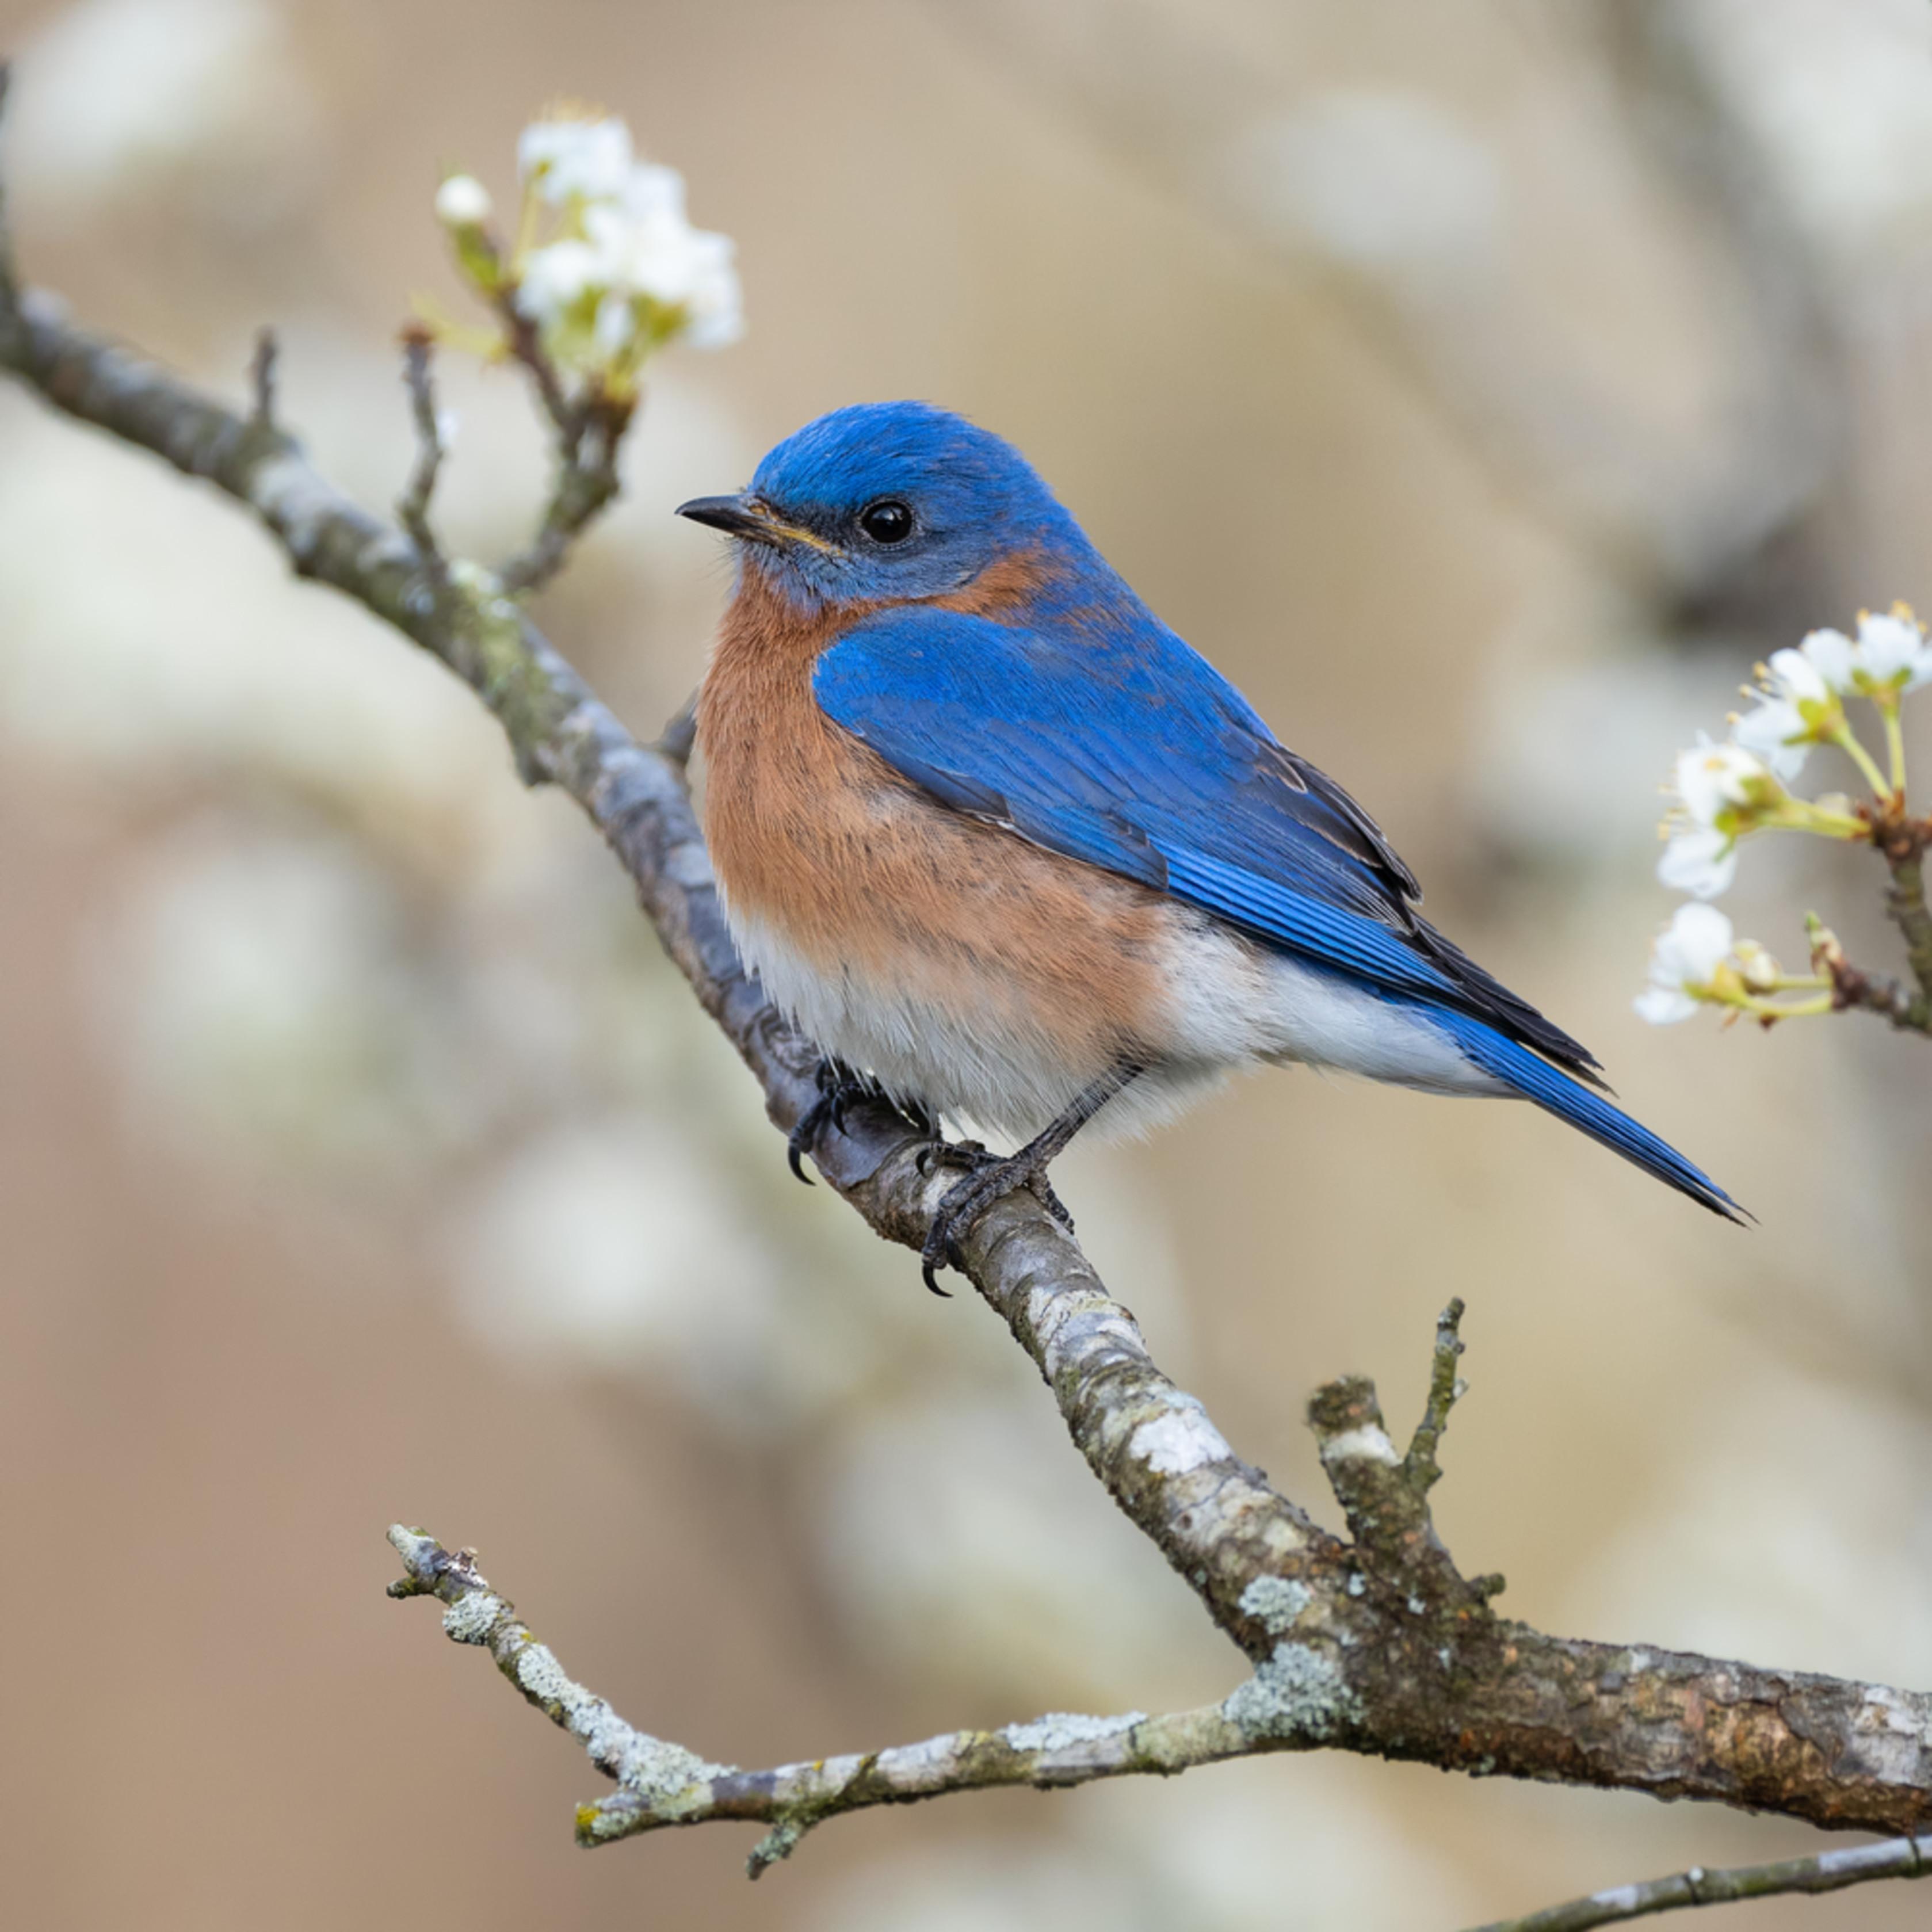 Forsyth county eastern bluebird plum2 izg9w6